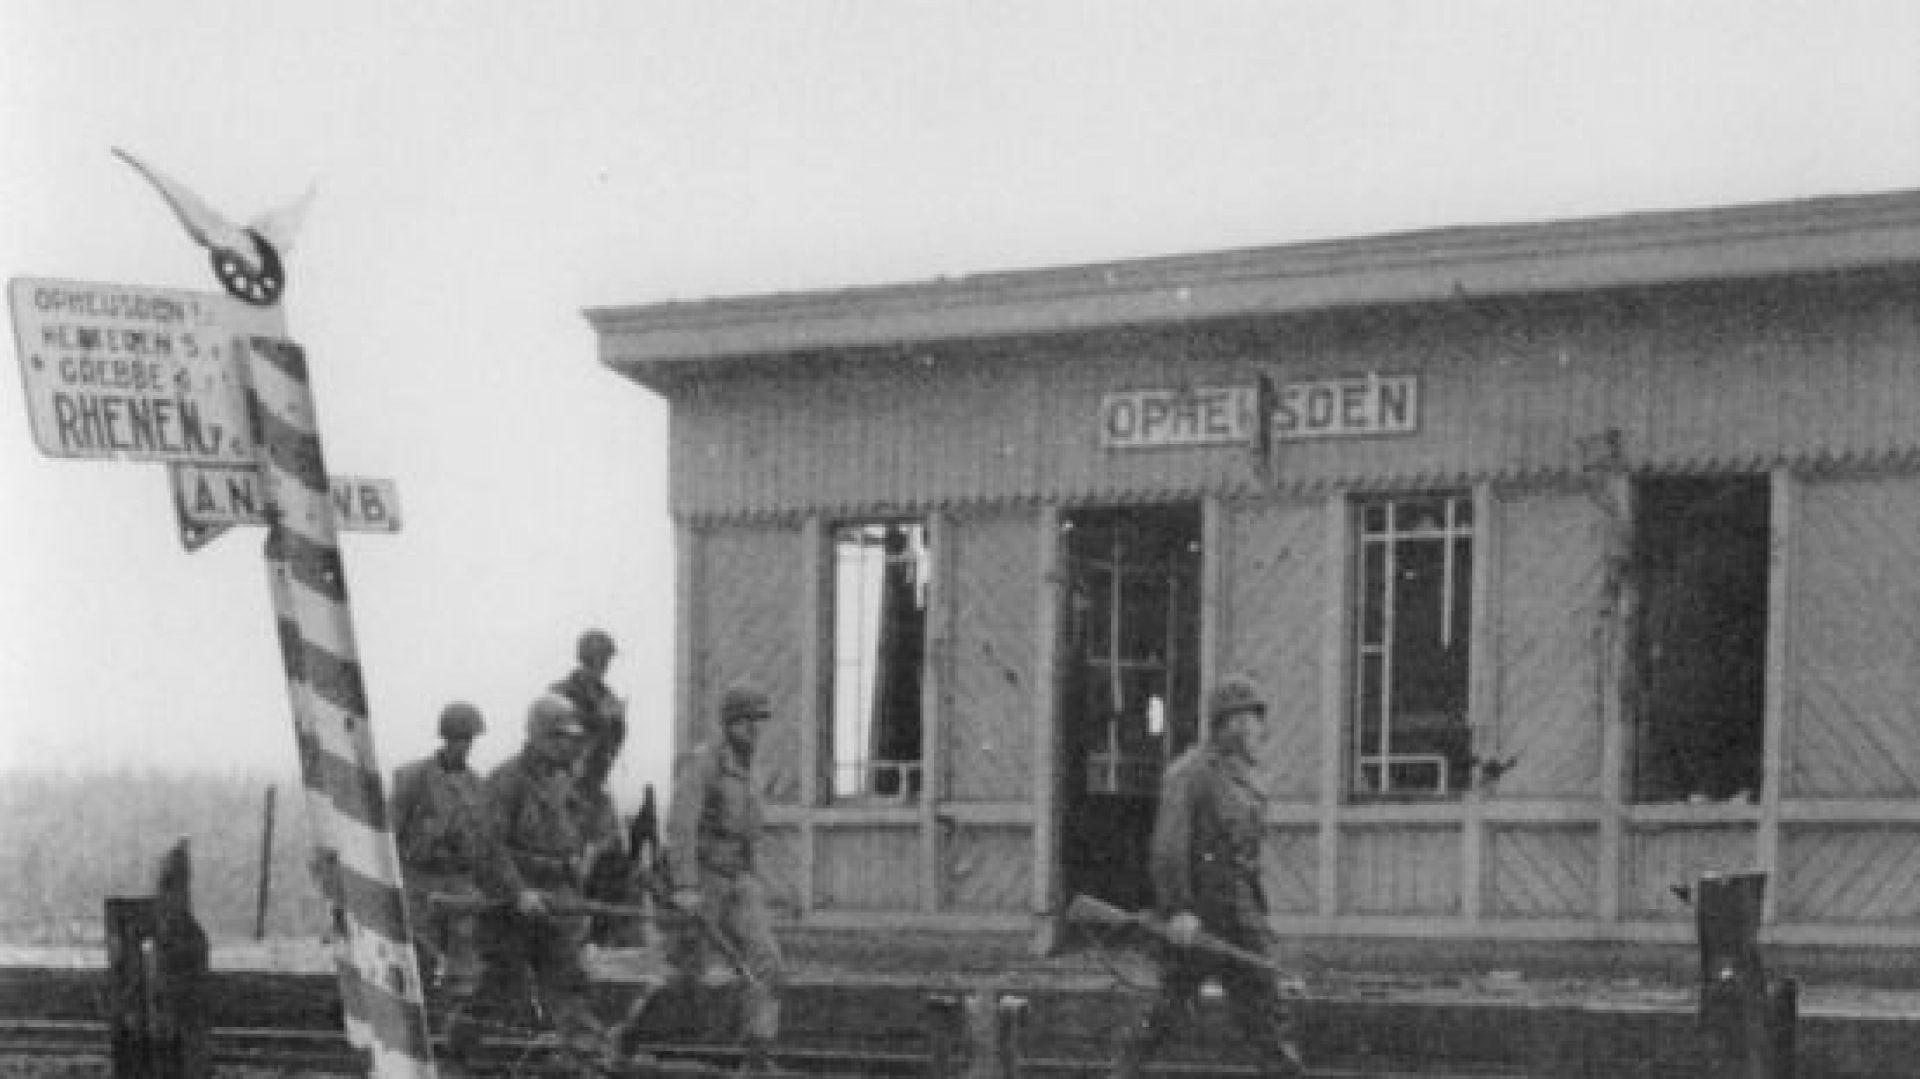 OPHEUSDEN1944